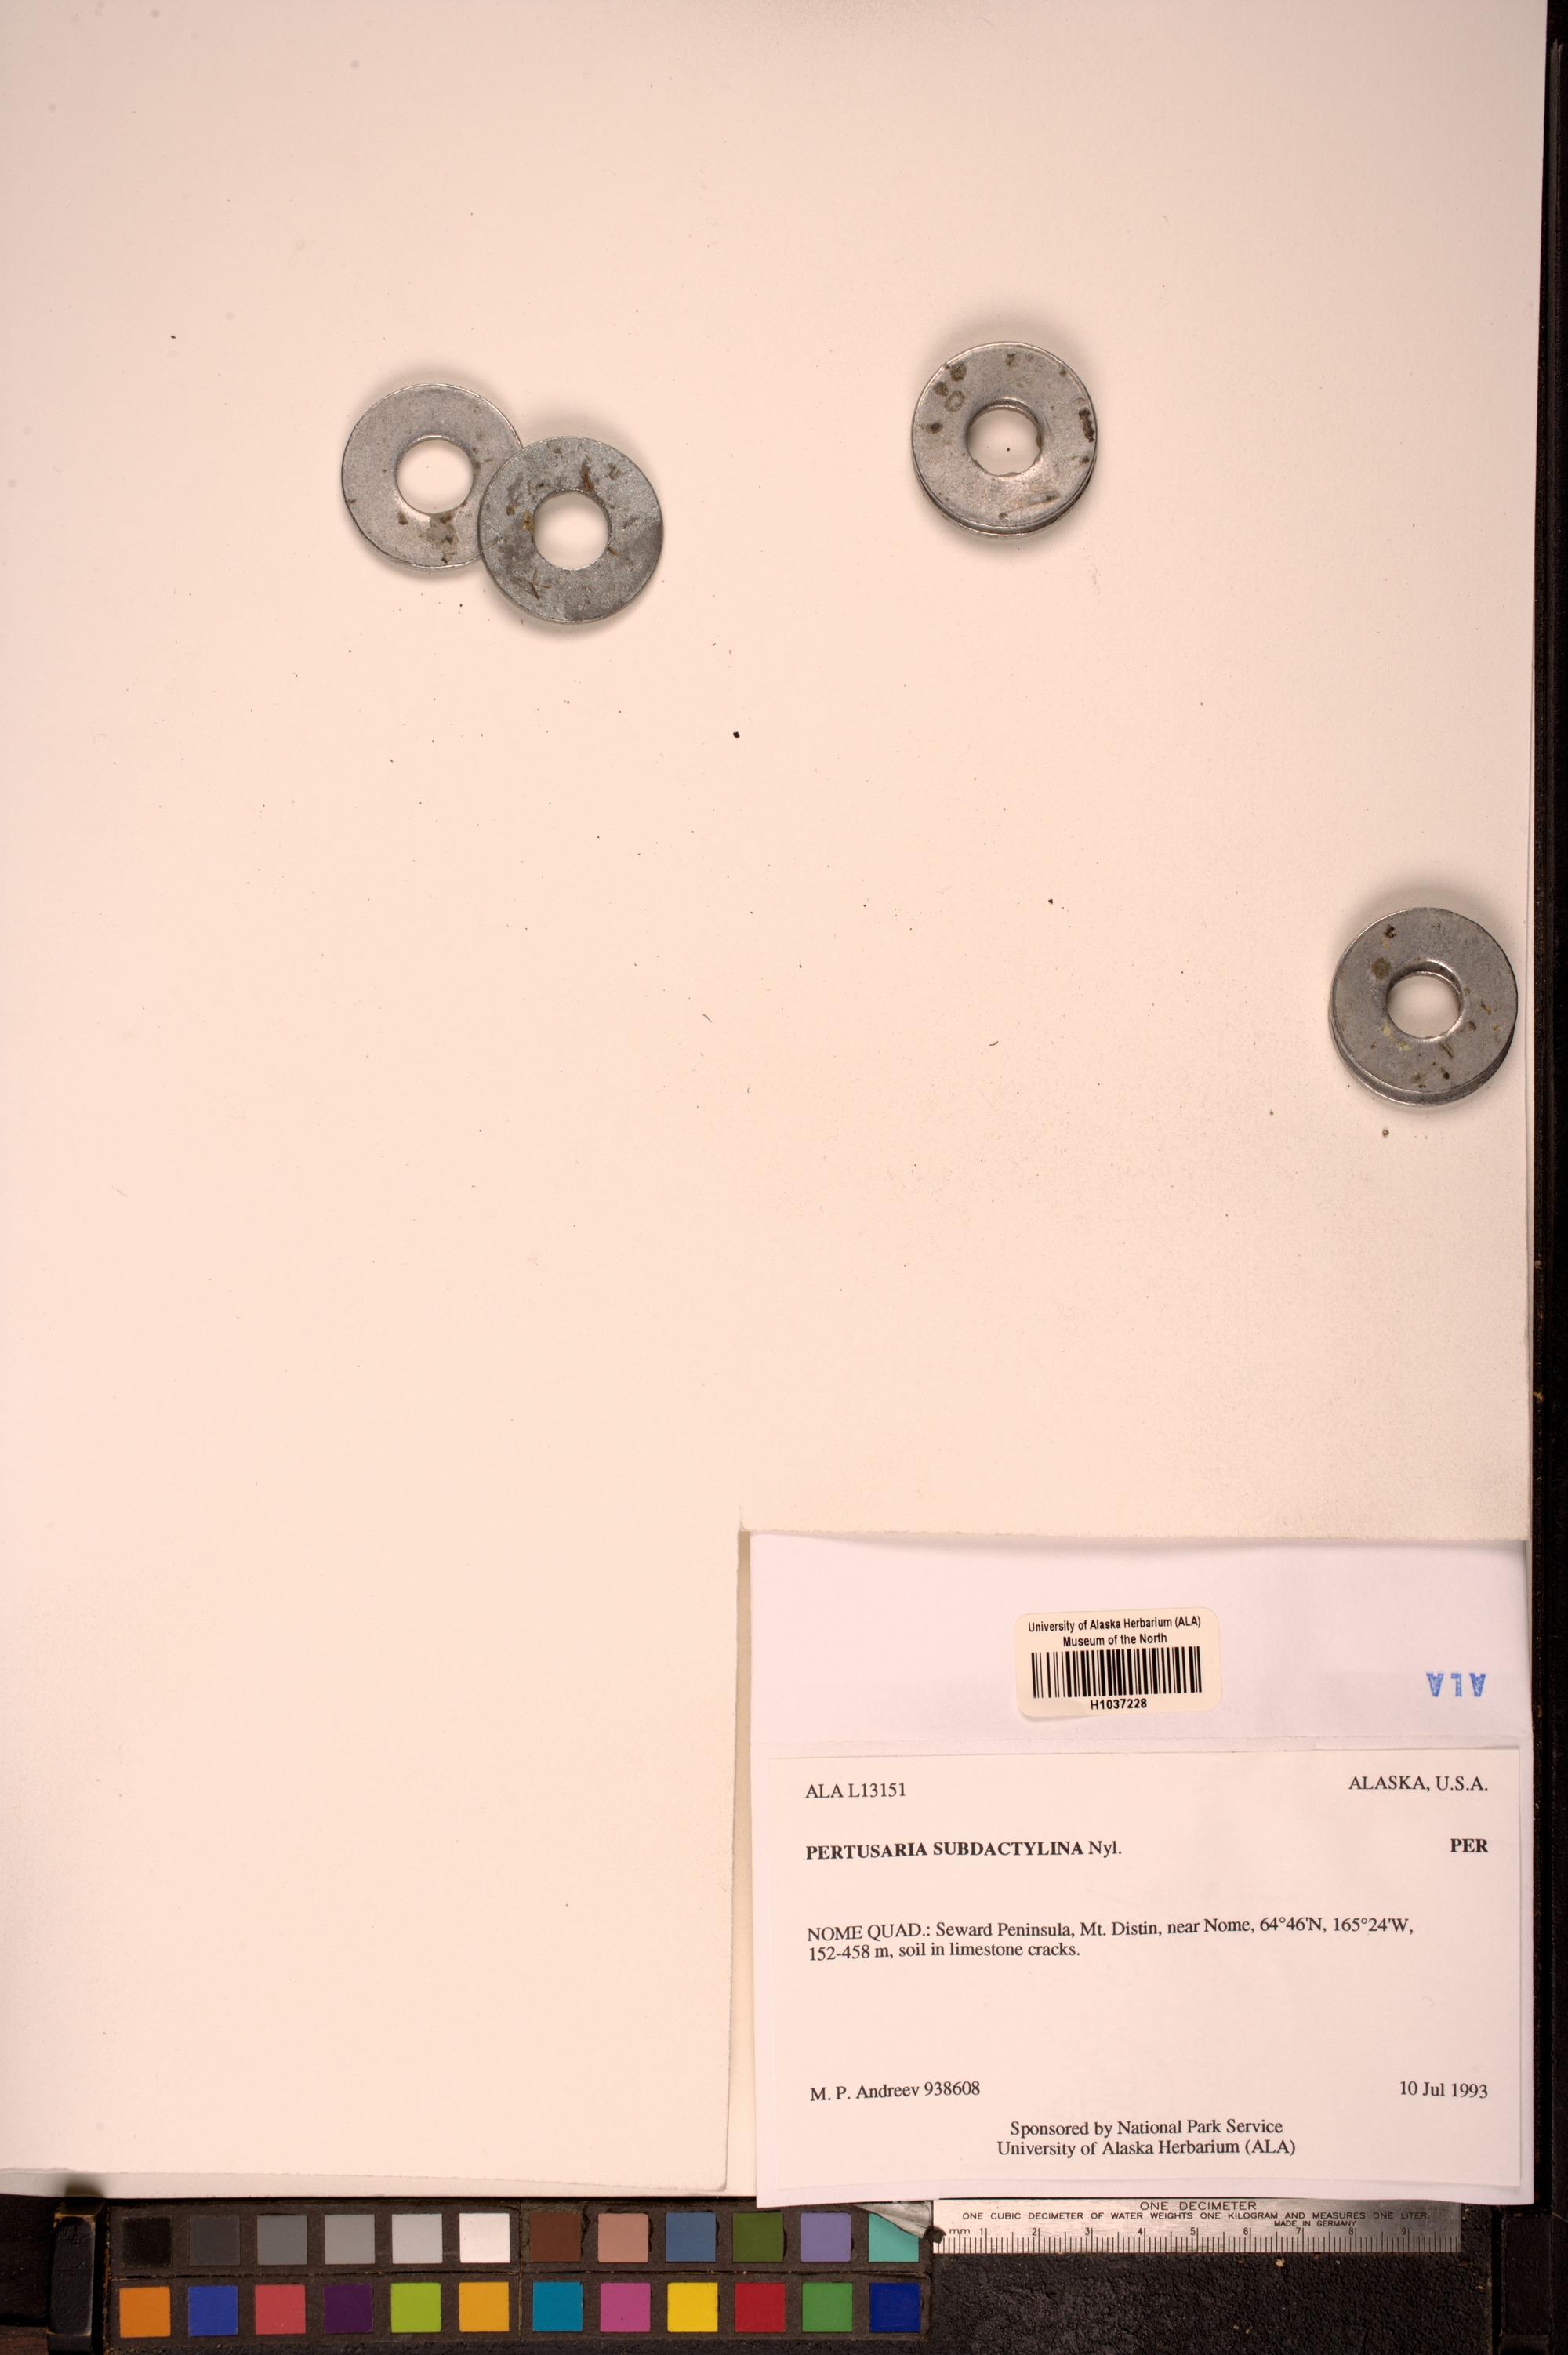 Lepra subdactylina image